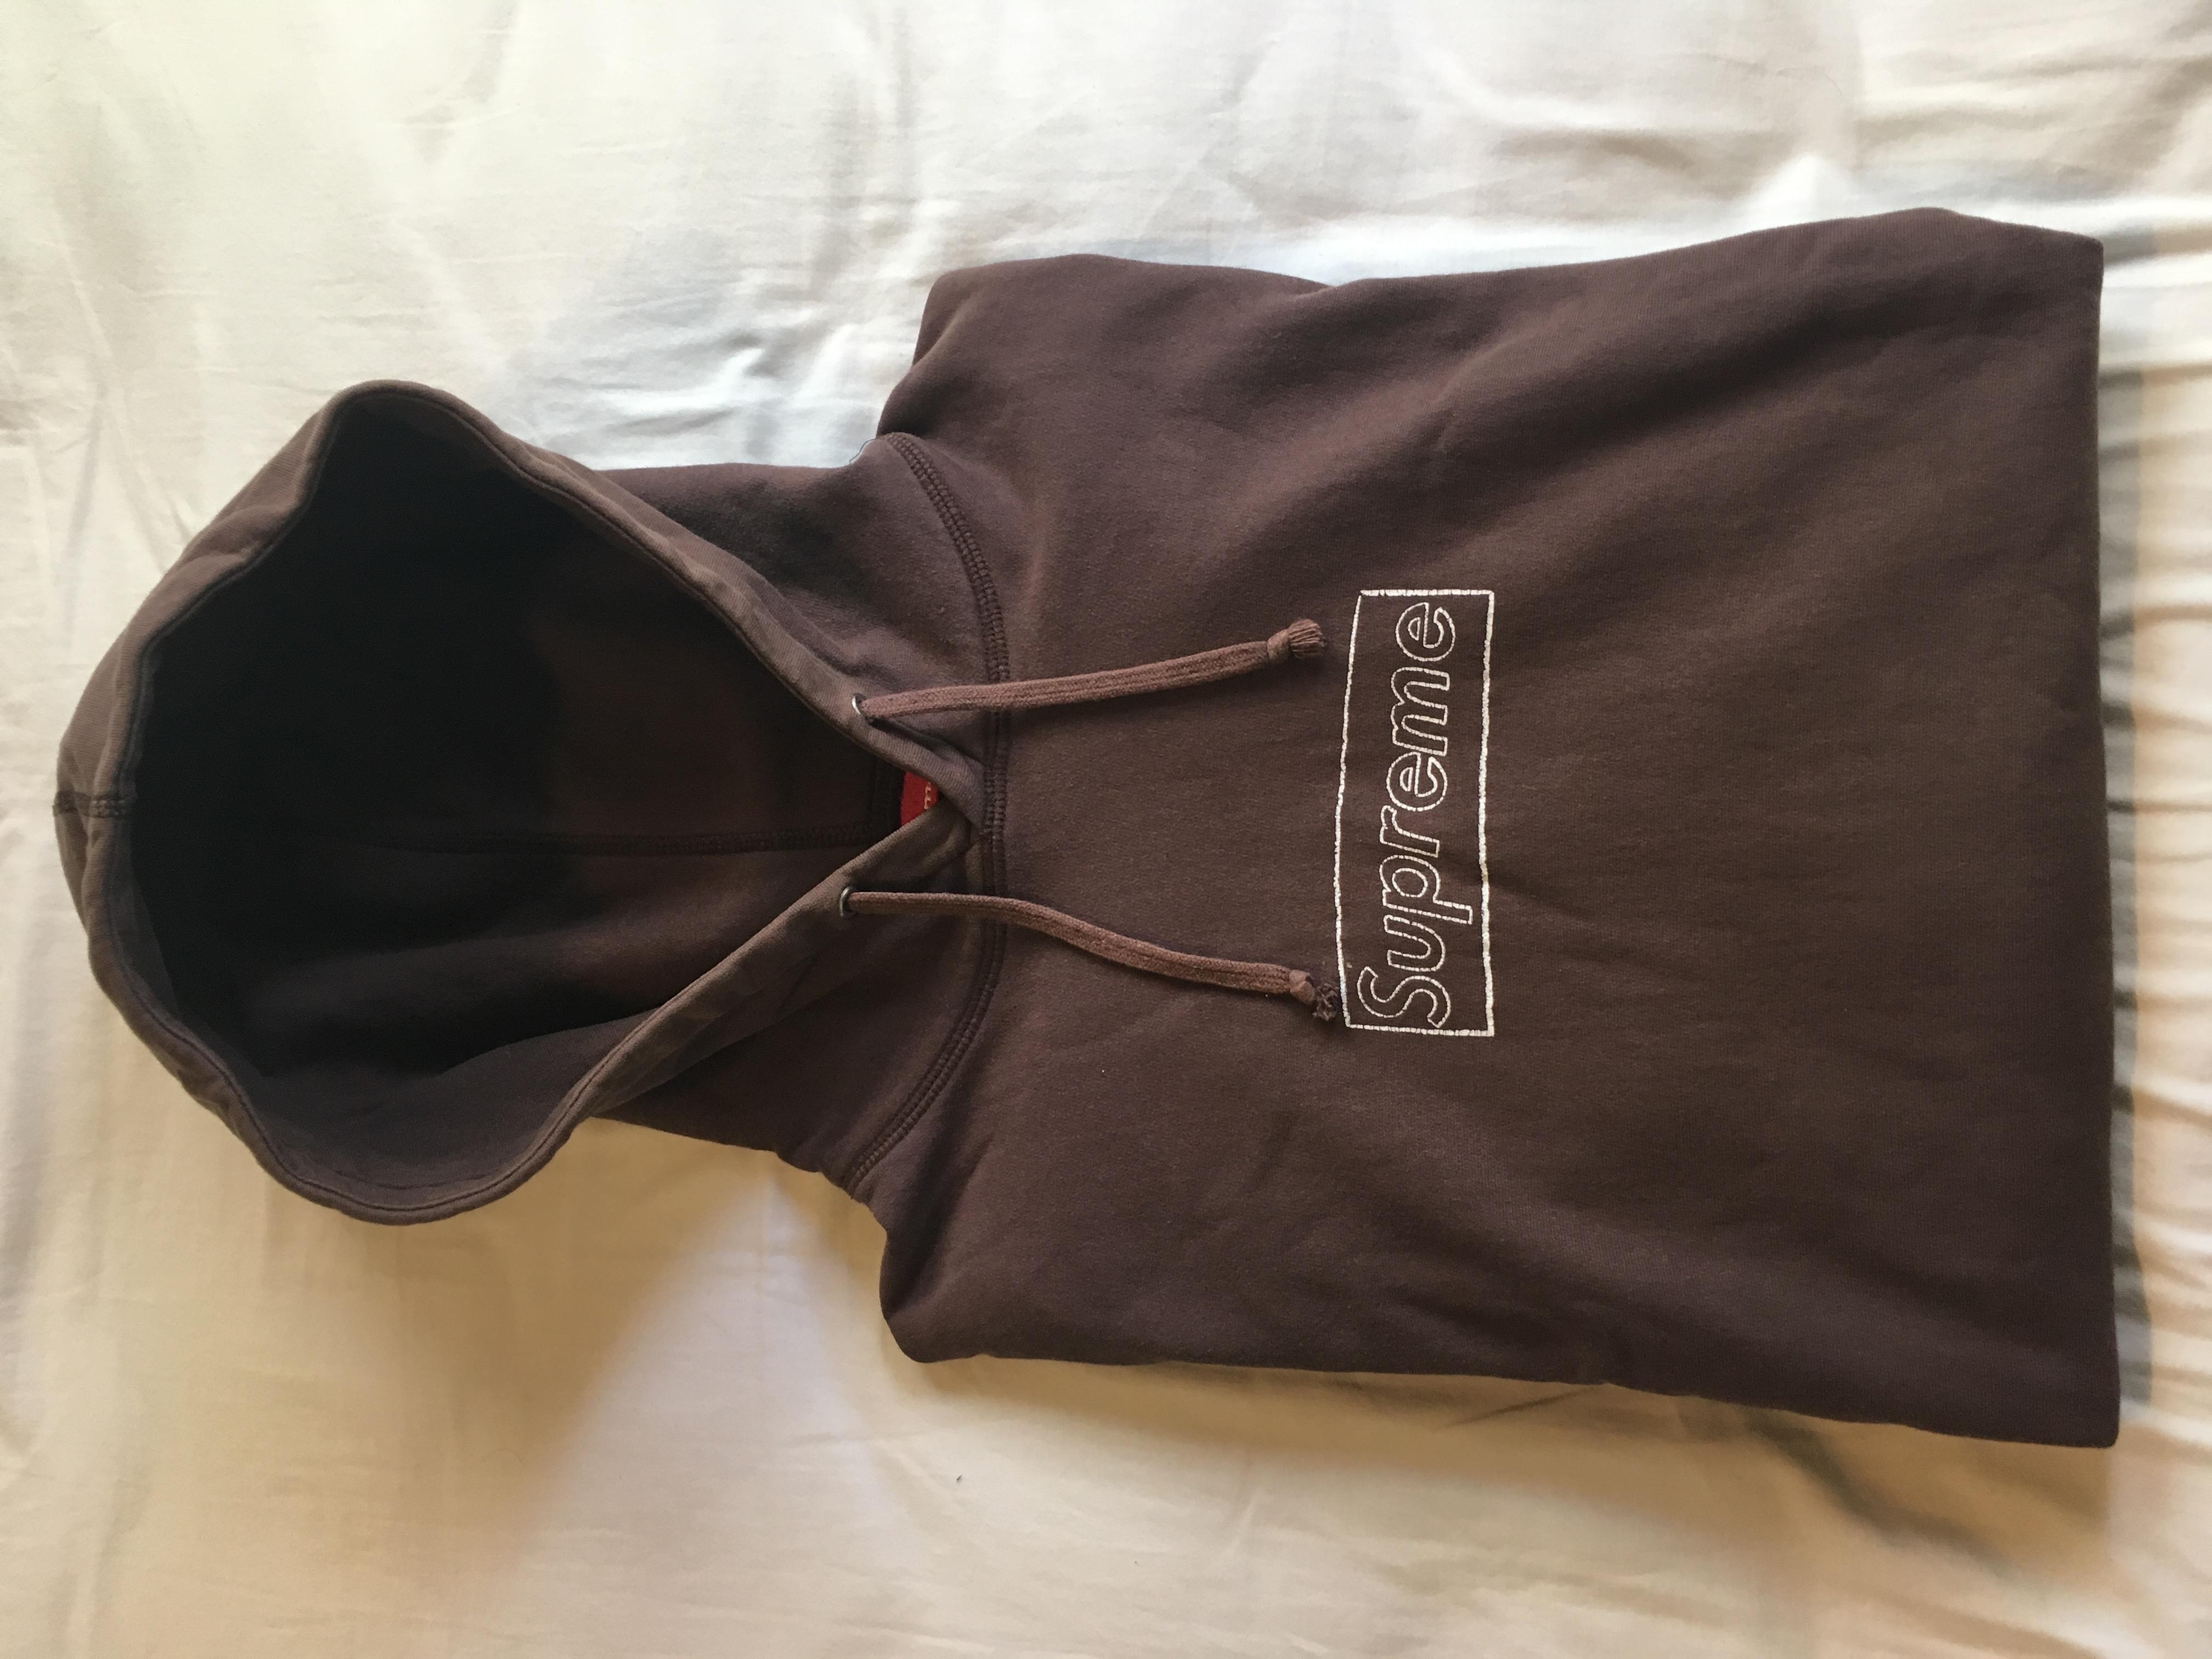 7c6c86f236b9 Supreme Supreme Kaws Box Logo Hooded Sweatshirt Hoodie - Brown (medium) Ss11